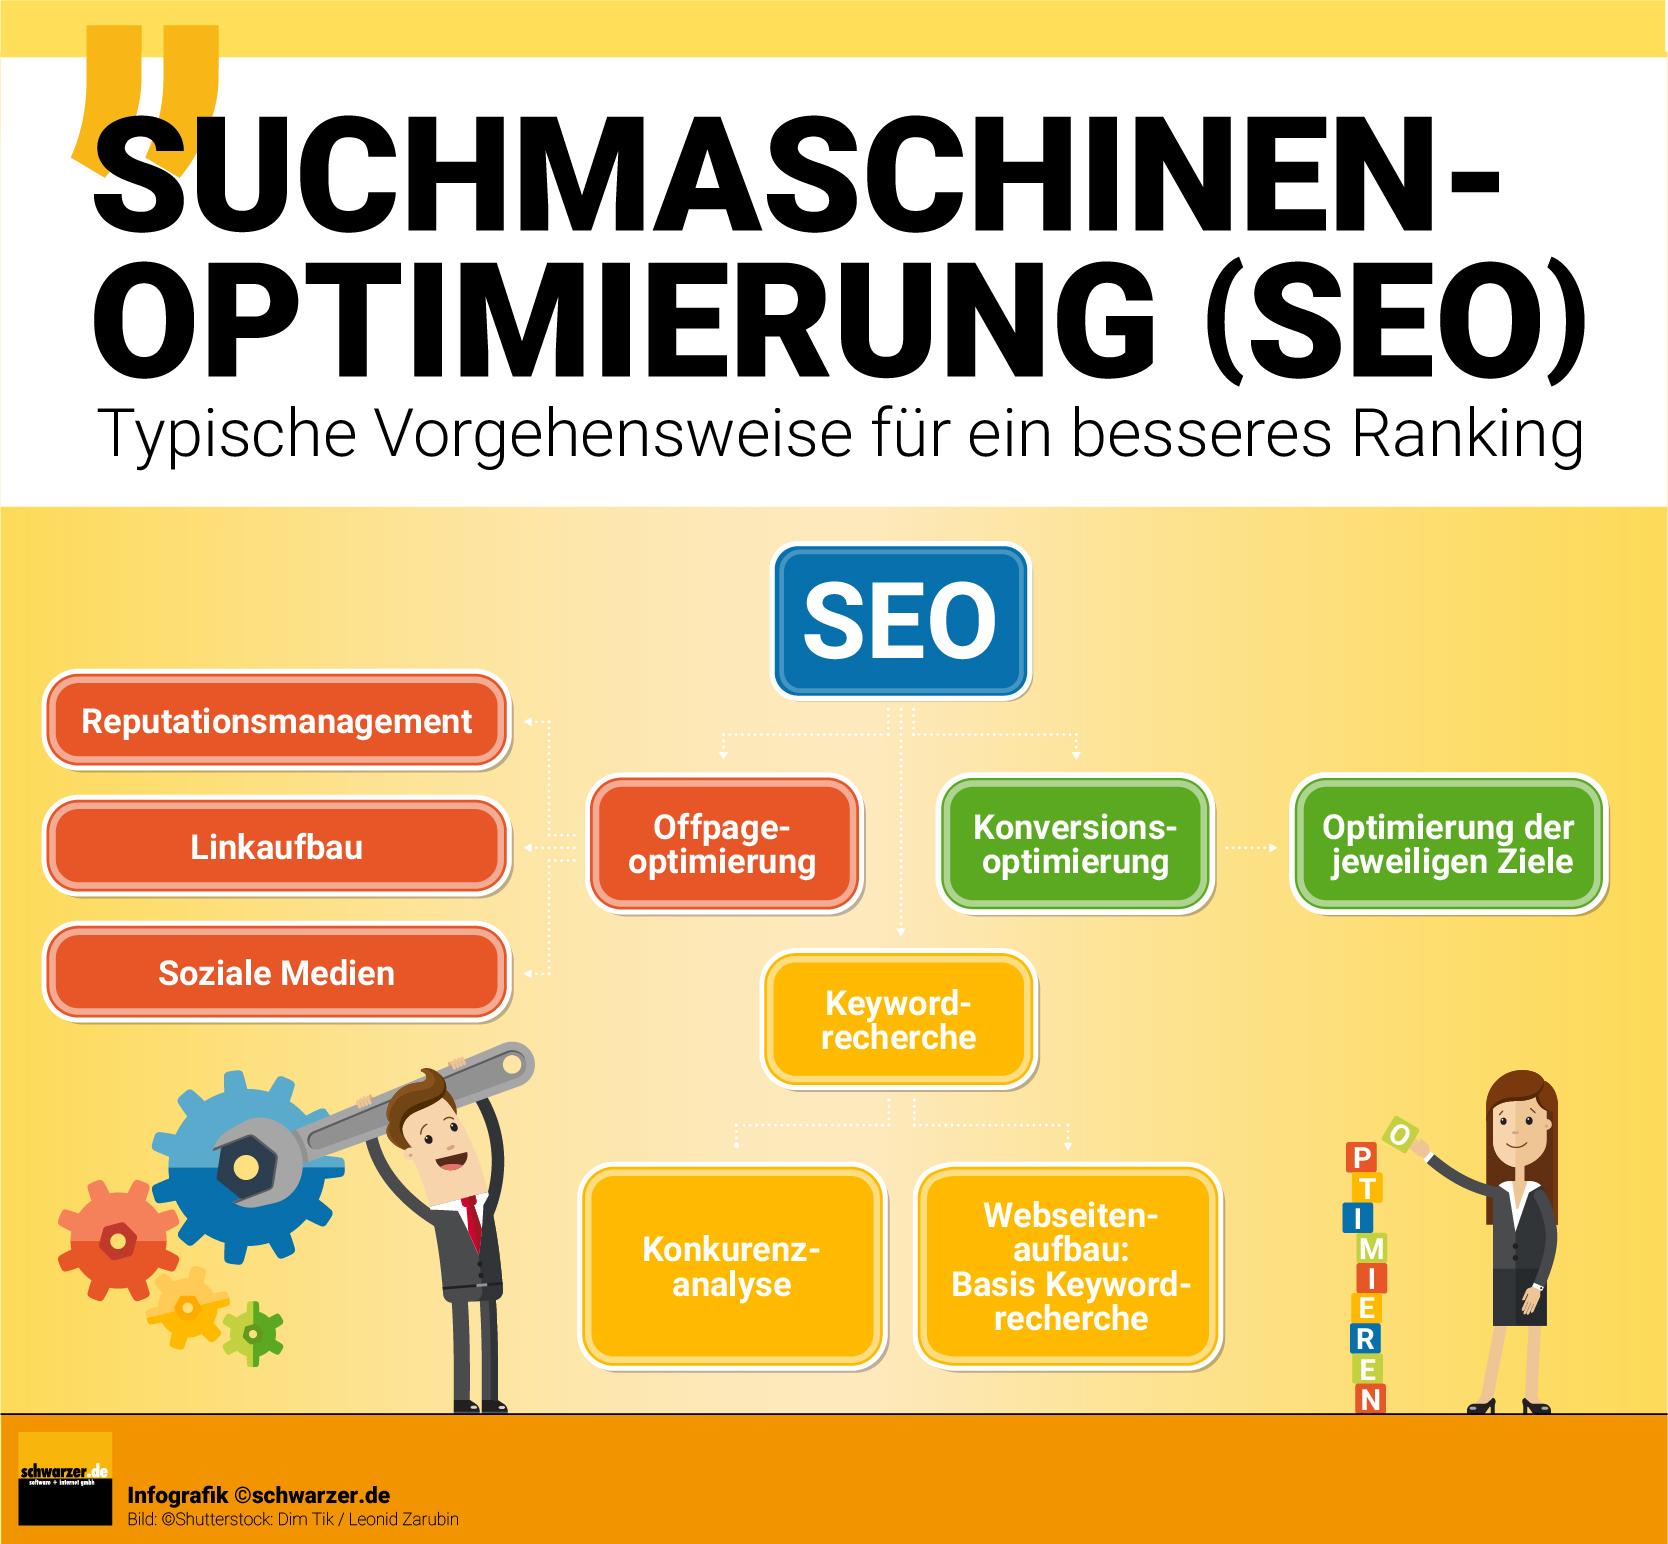 Infografik: Mit dieser Vorgehensweise bei der Suchmaschinenoptimierung (SEO) erreichen Sie ein besseres Ranking.